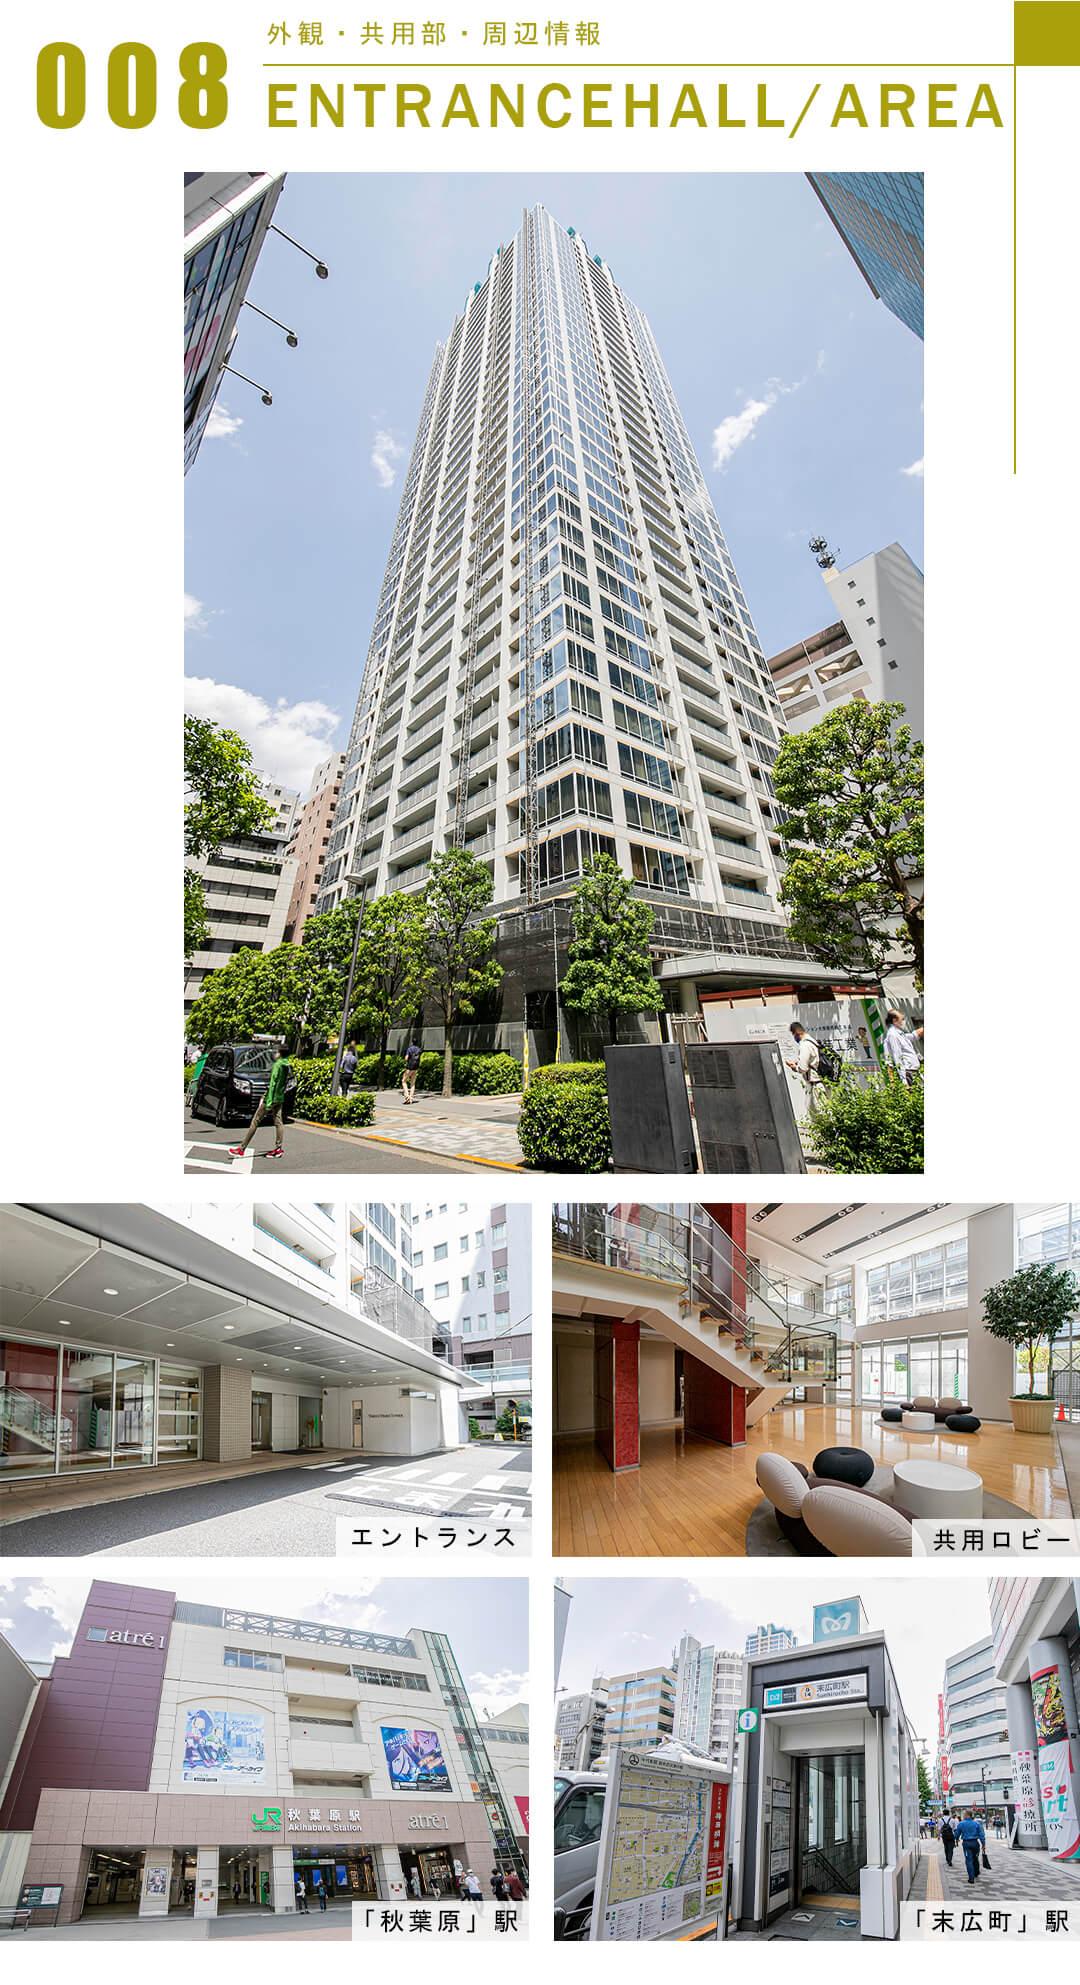 東京タイムズタワーの外観と共用部と周辺情報